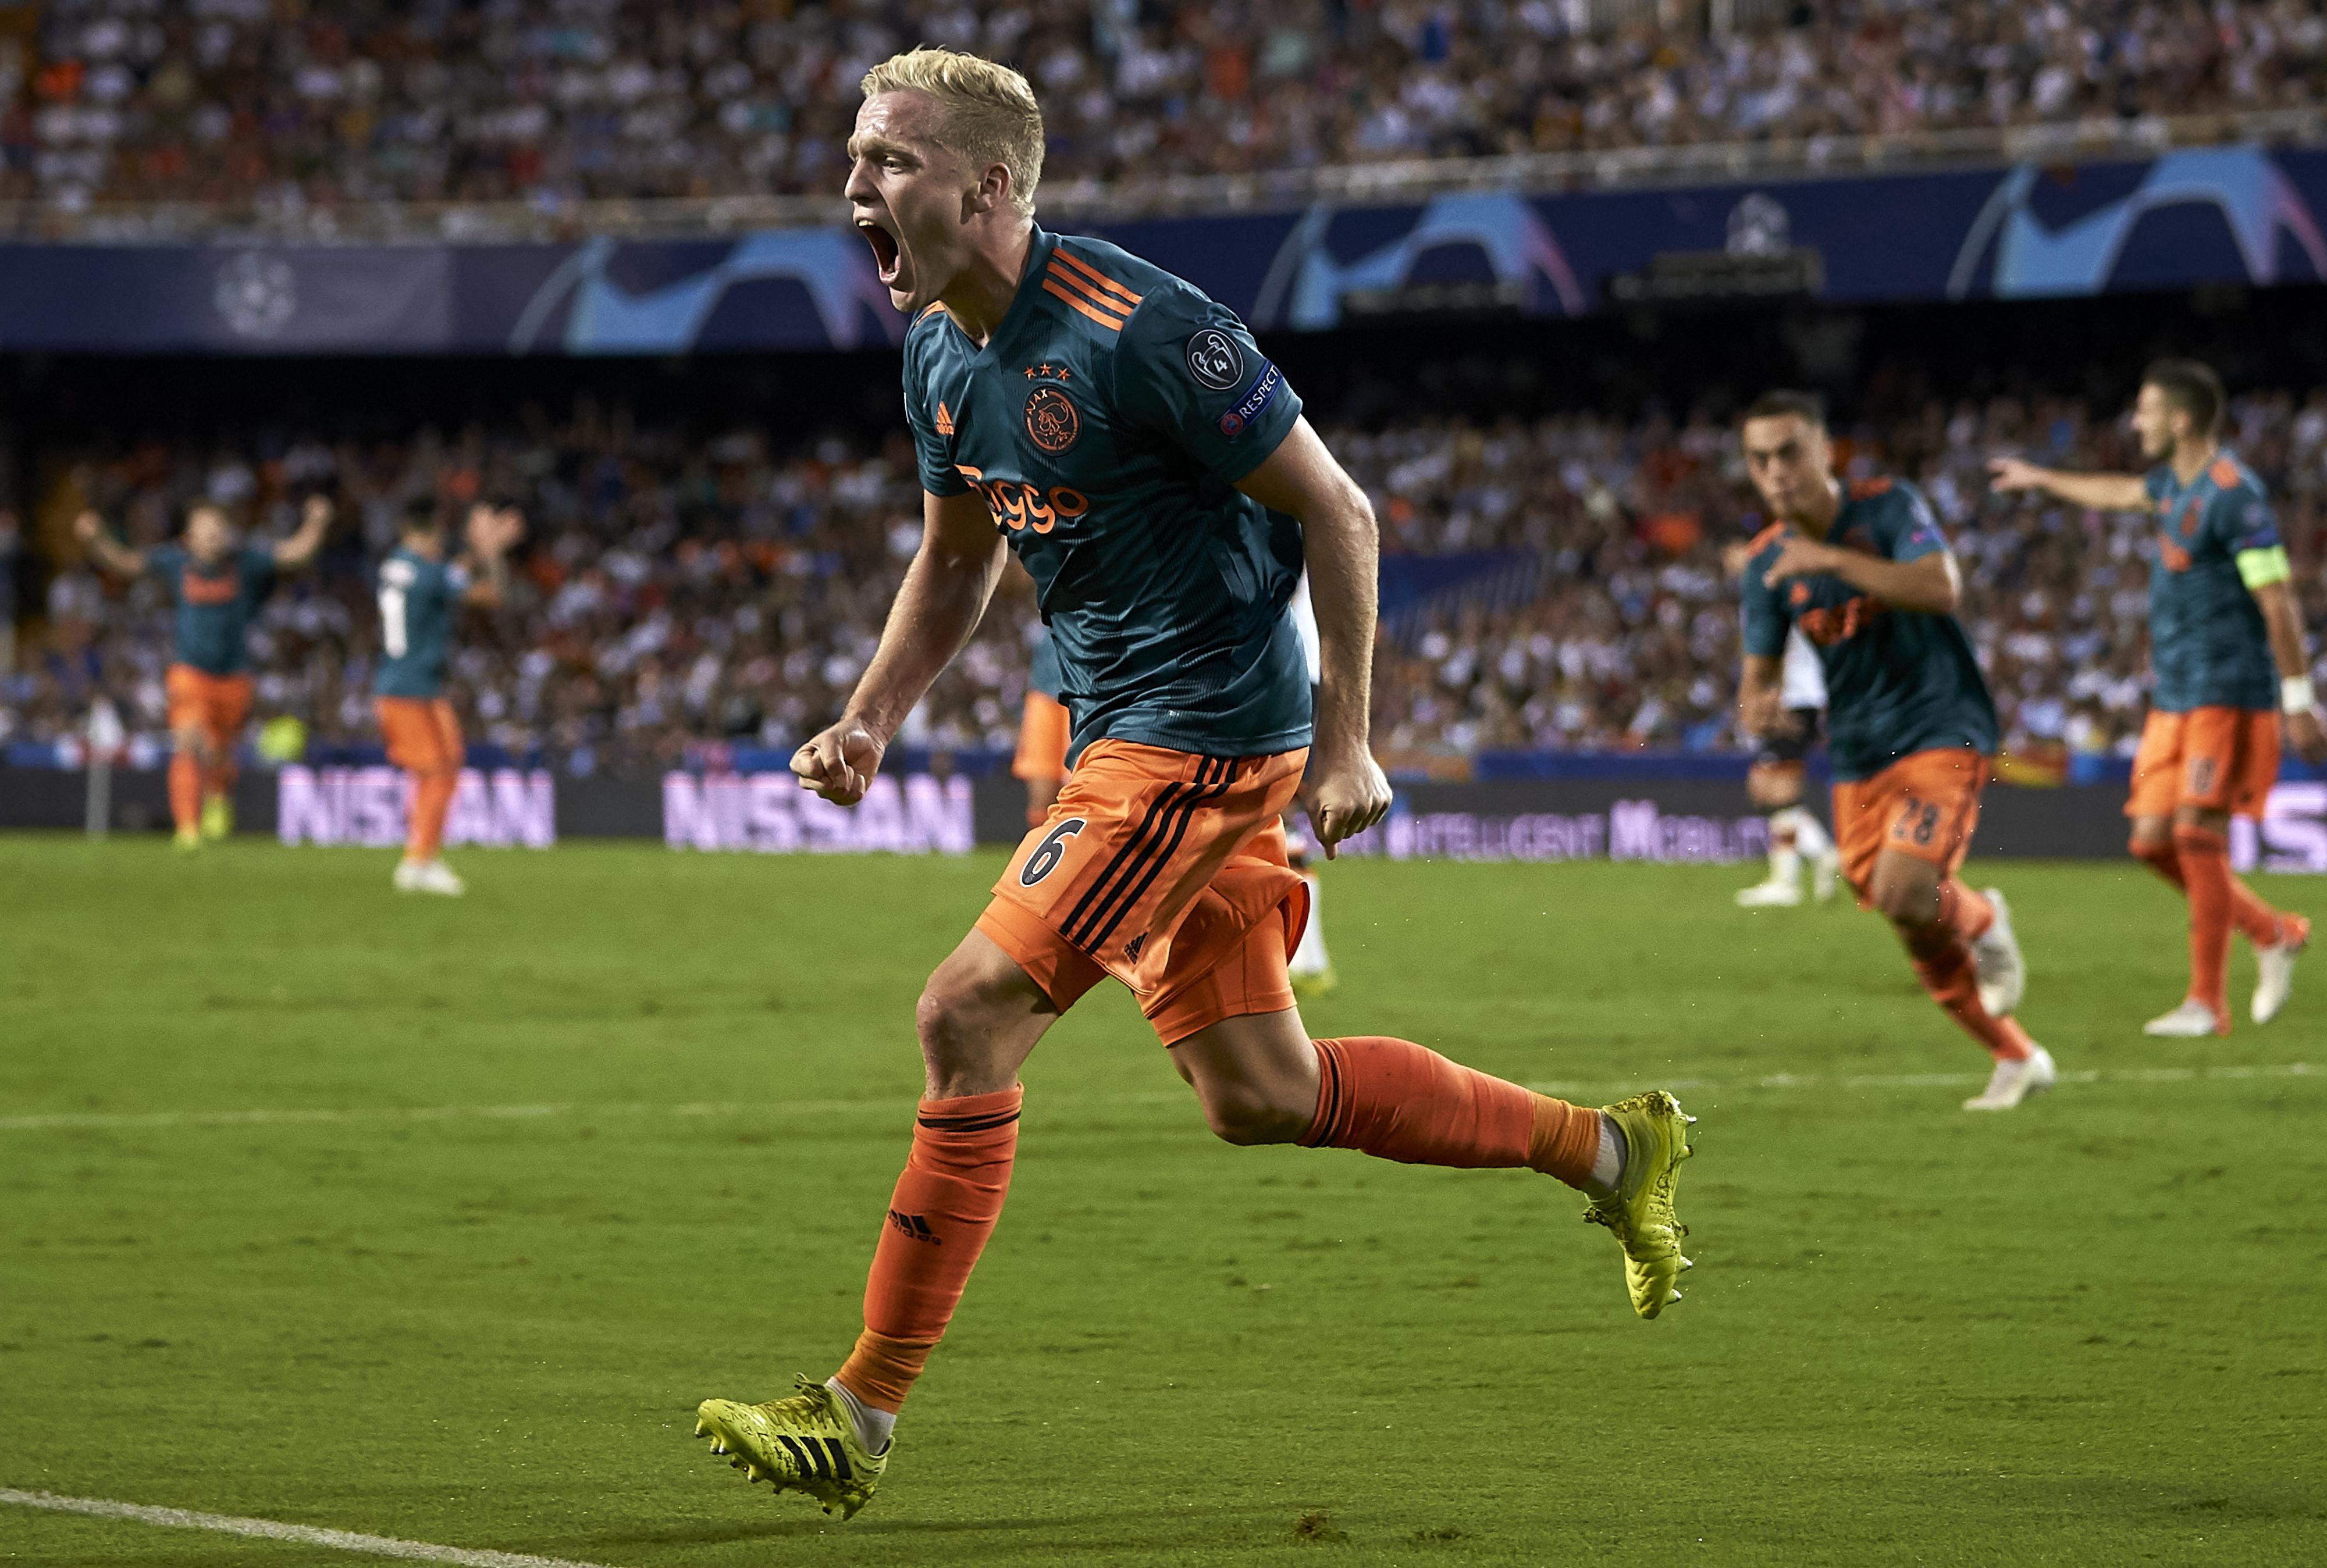 Gronkjaer Urges Donny Van De Beek To Join Chelsea - Van de Beek celebrates a goal